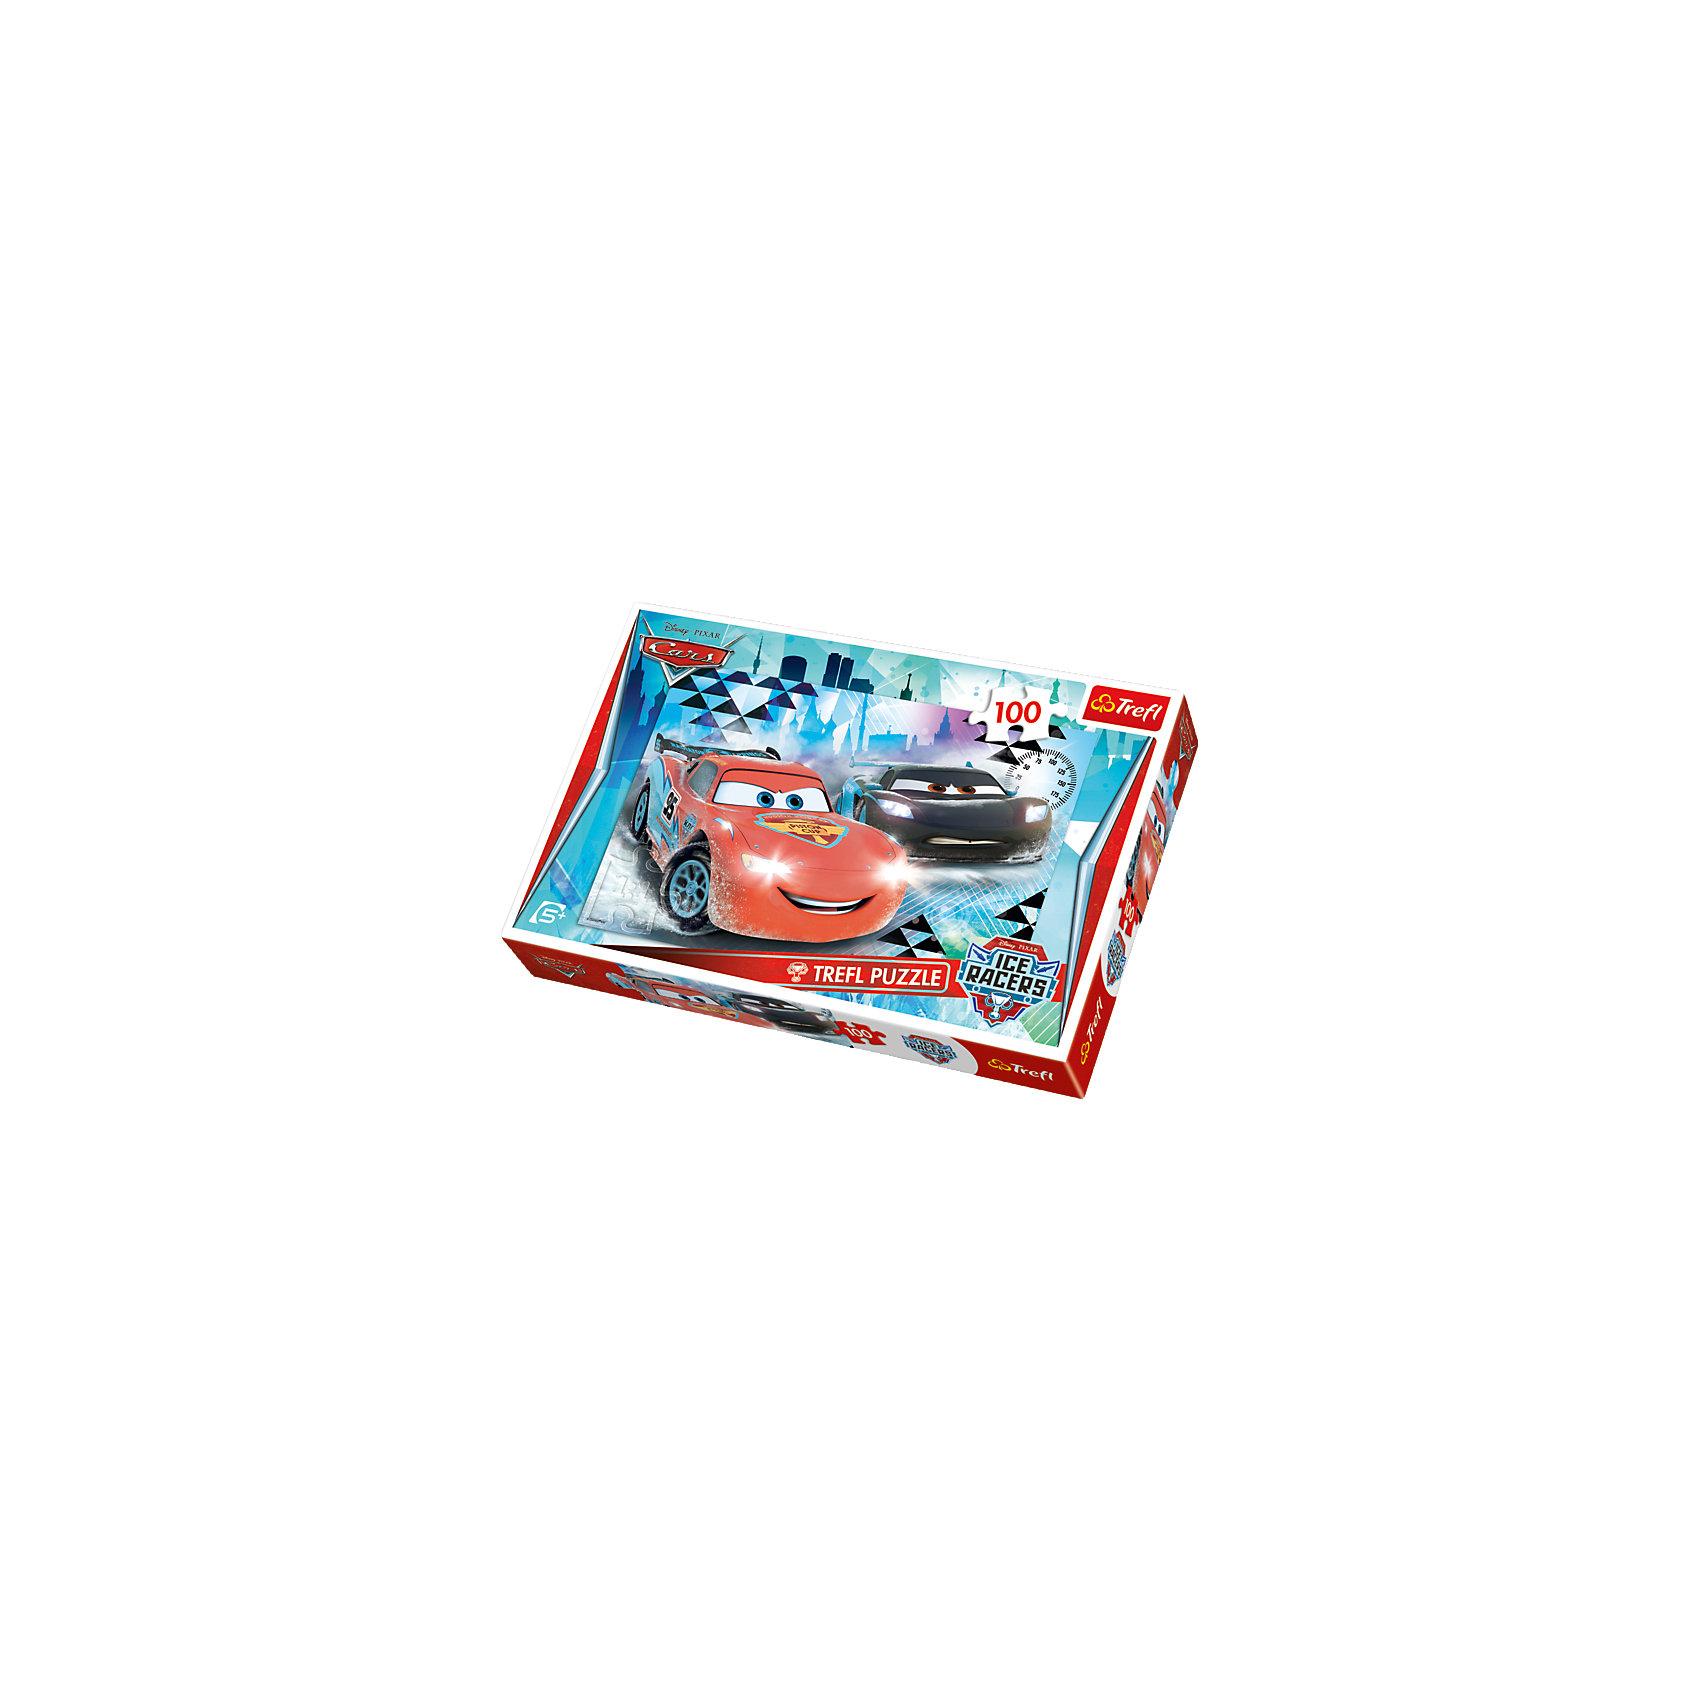 Пазл Ледяное приключение, 100 элементов, TreflПазлы для малышей<br>Подарок мальчику, который увлекается автомобилями - детский пазл Ледяное приключение. Яркая картинка, где изображены любимые герои популярного мультфильма Тачки не может остаться незамеченной. Молния МакКуин вместе со своим напарником мчится на встречу приключениям. У ребенка есть возможность придумать свою историю и ее финал. Пазл - прекрасная развивающая игра, которая помогает развить фантазию, память и логику, а также очень полезна для мелкой моторики рук. Во время складывания картинки, Ваш ребенок проведет время с пользой, так как подобное занятие отлично помогает добиться усидчивости. Собранную картинку можно повесить на стенку, чтобы любоваться ей. <br>Детали выполнены из качественного картона. Картинка состоит из 100 деталей. <br>Рекомендуемый возраст: от 5 лет.<br><br>Ширина мм: 291<br>Глубина мм: 195<br>Высота мм: 43<br>Вес г: 316<br>Возраст от месяцев: 72<br>Возраст до месяцев: 96<br>Пол: Мужской<br>Возраст: Детский<br>Количество деталей: 100<br>SKU: 4635304